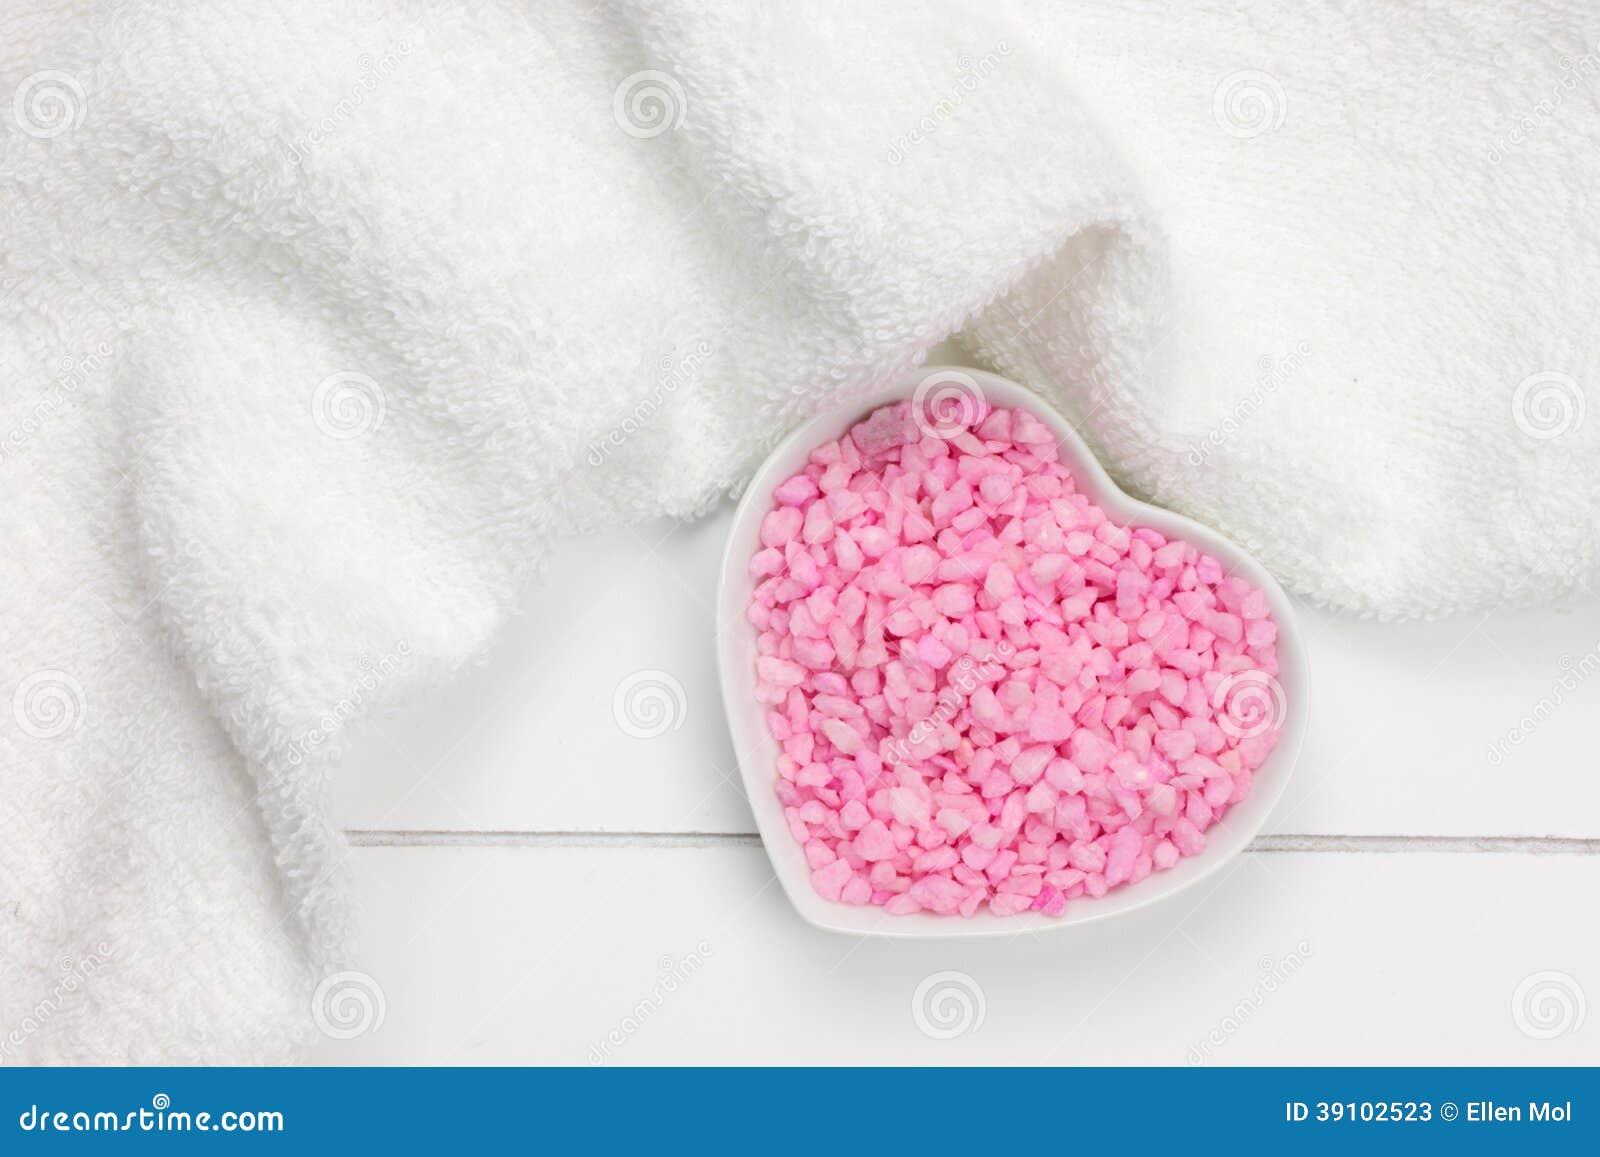 Roze badzout in hart gevormde kom